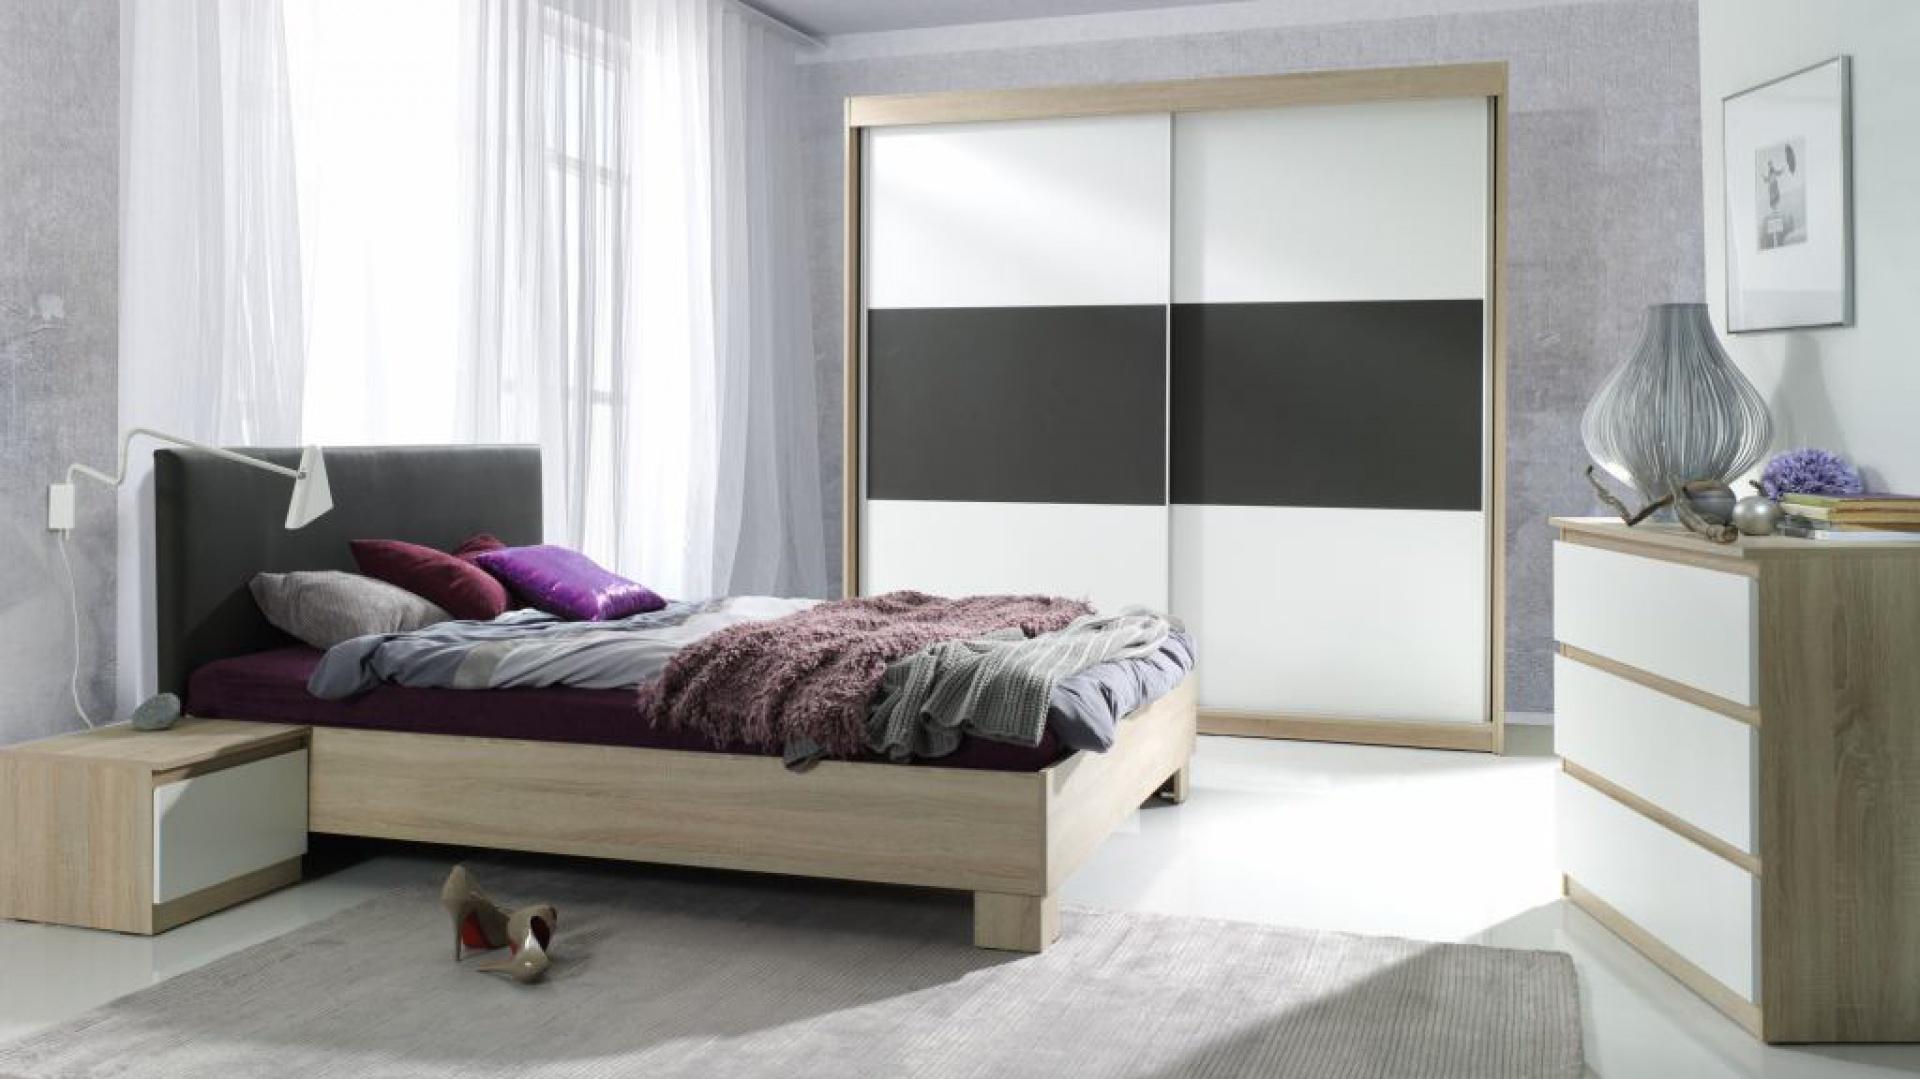 Meble W Kolorze Drewna Najciekawsze Propozycje Do Sypialni